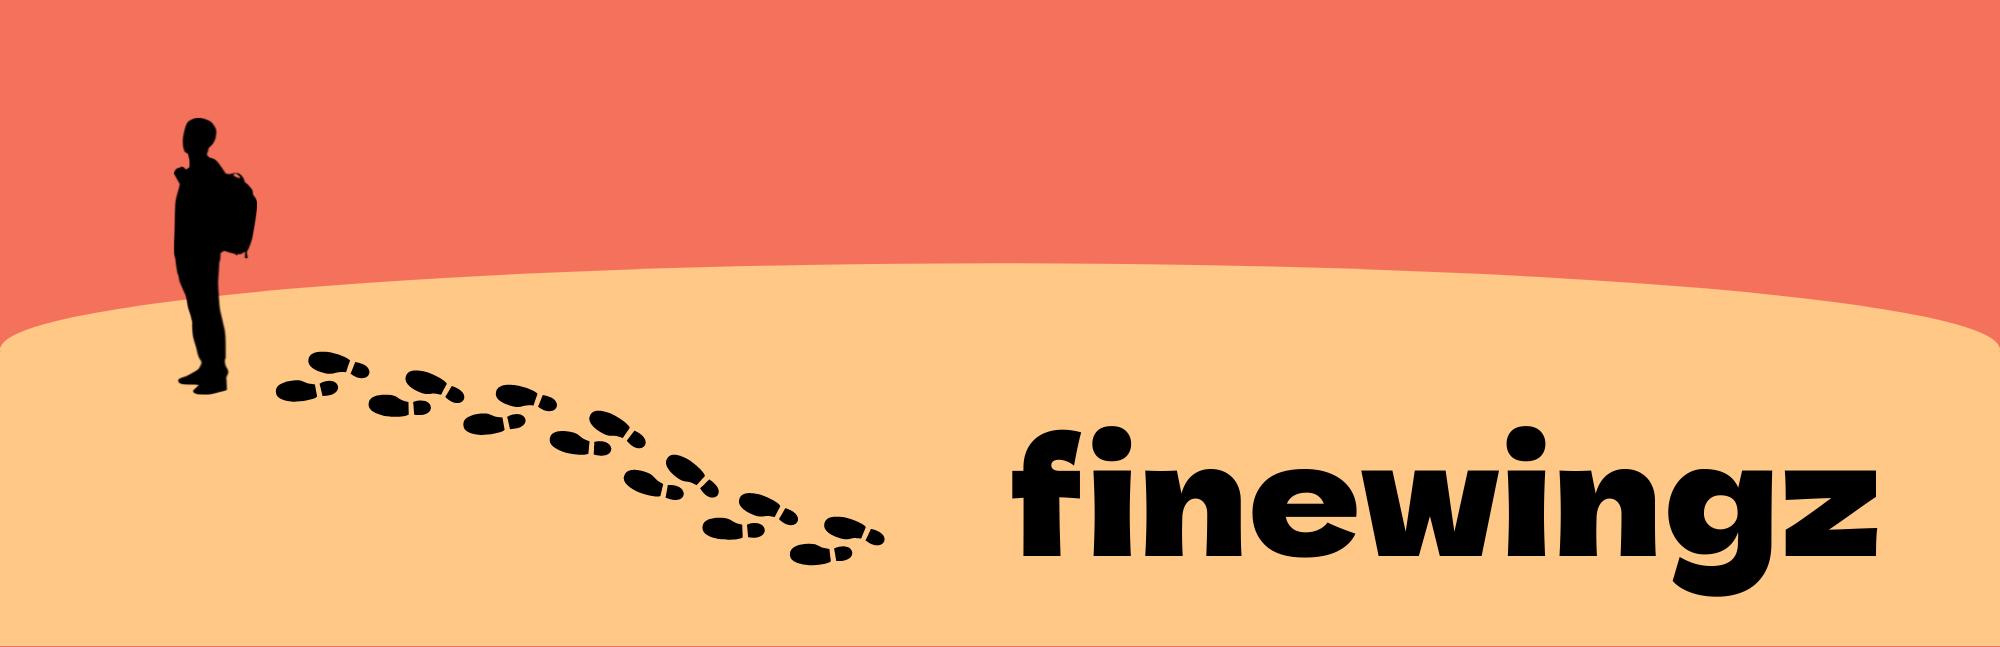 FINEWINGZ